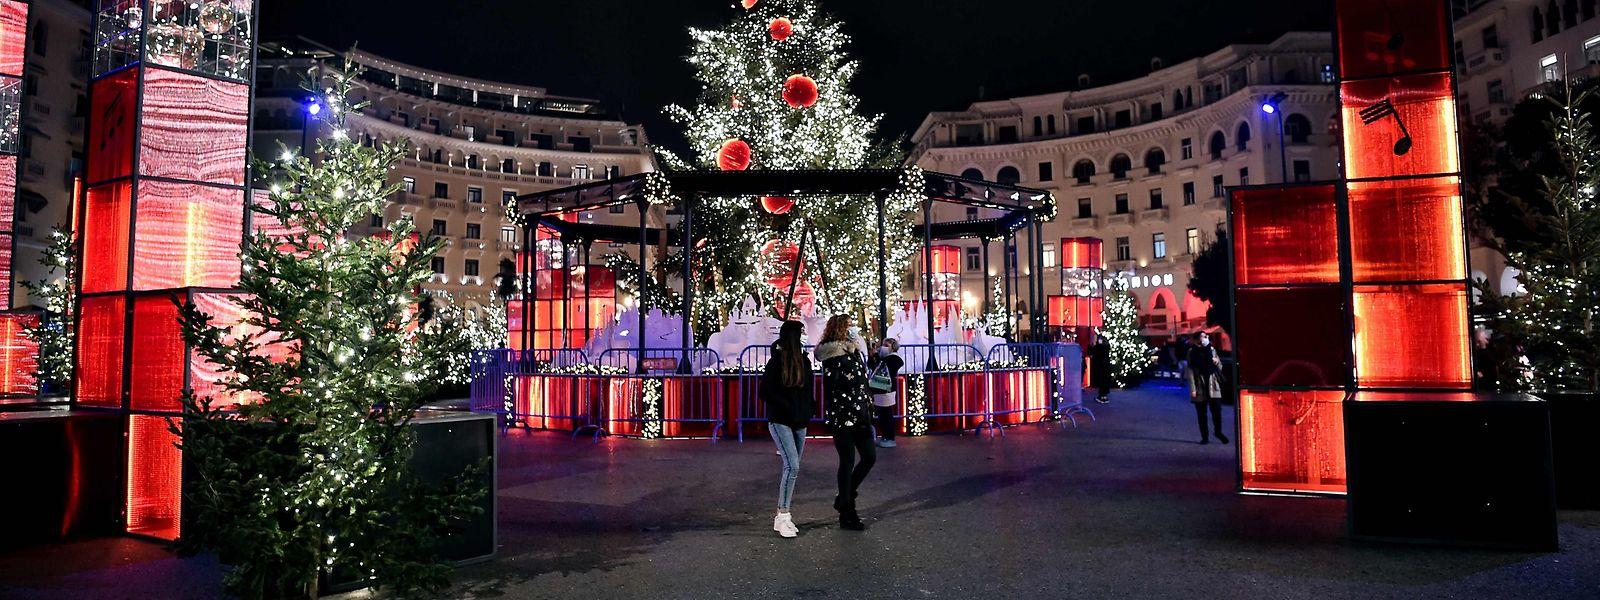 Weihnachtsbaum im Zentrum von Thessaloniki.